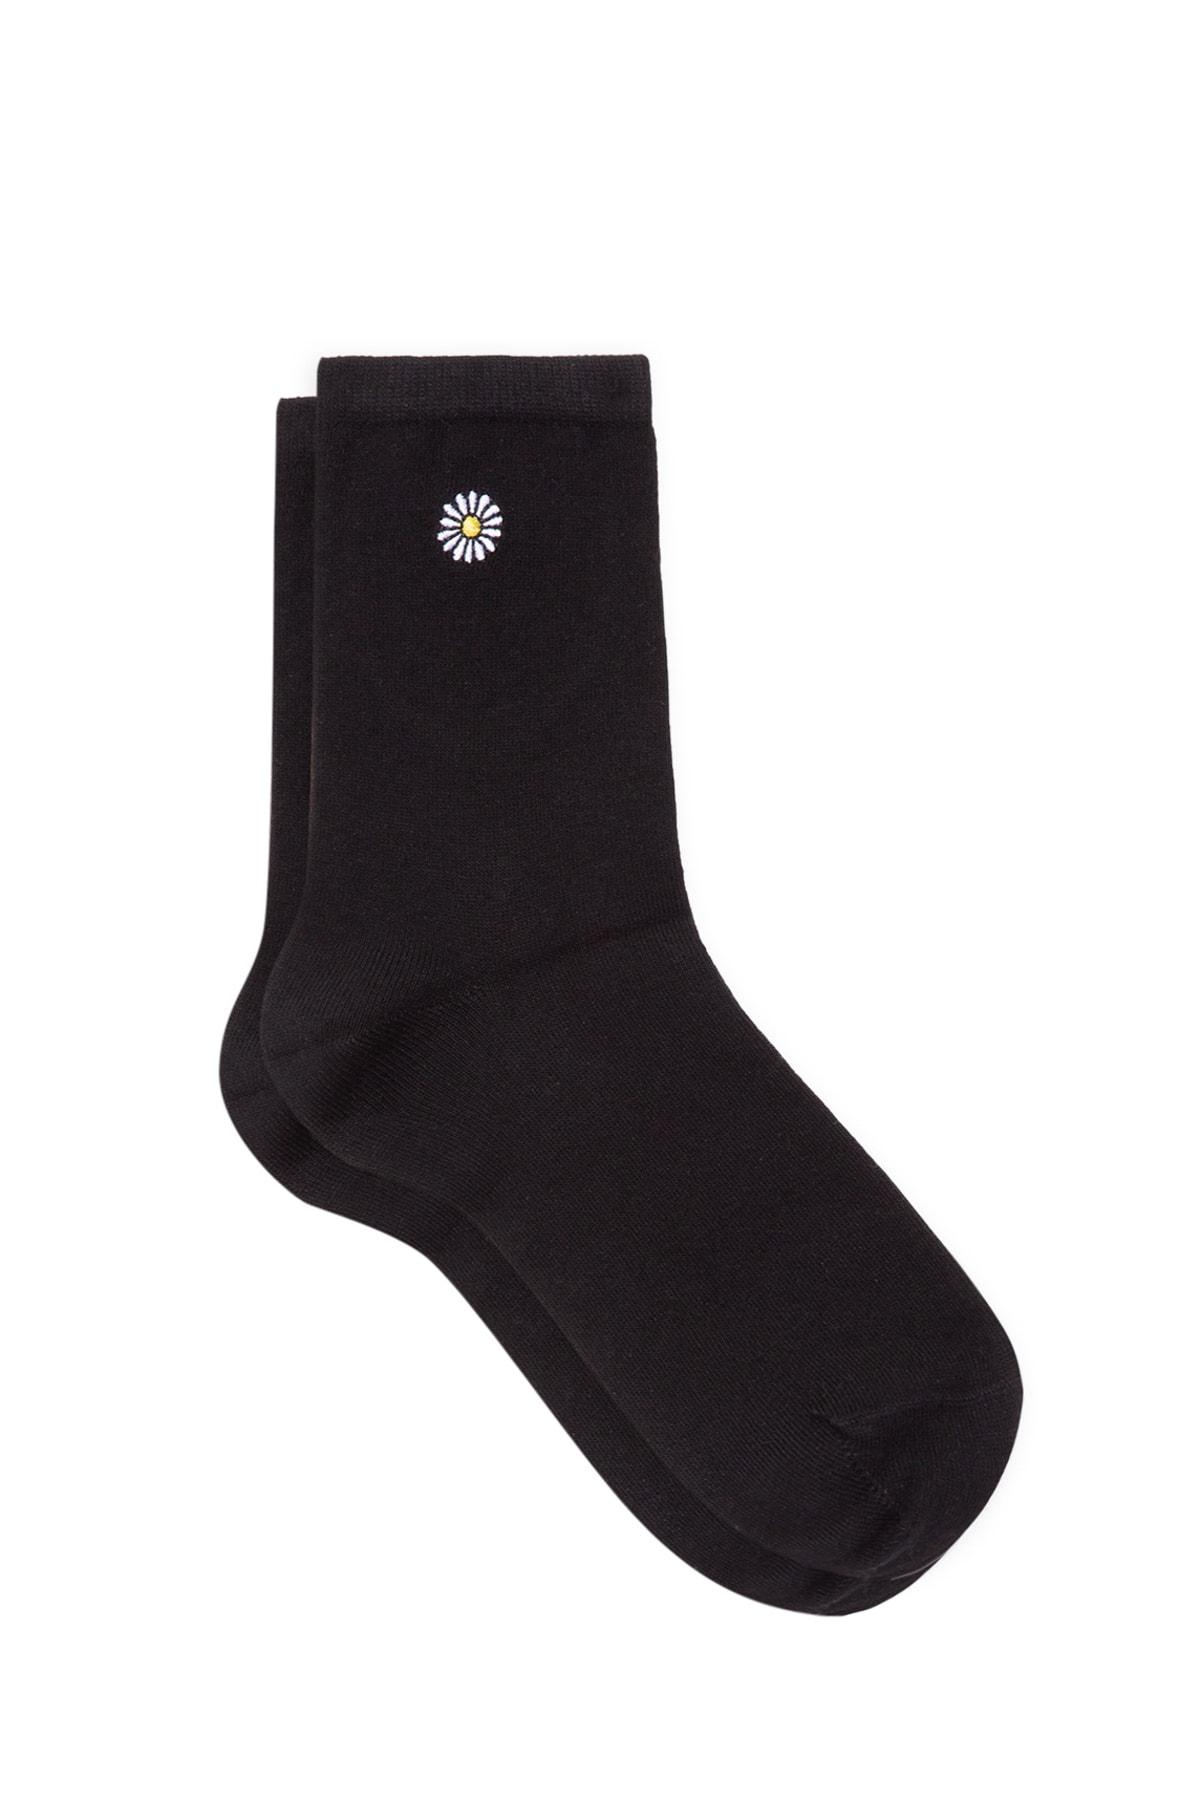 Kadın Papatya İşlemeli Siyah Soket Çorap 198282-900